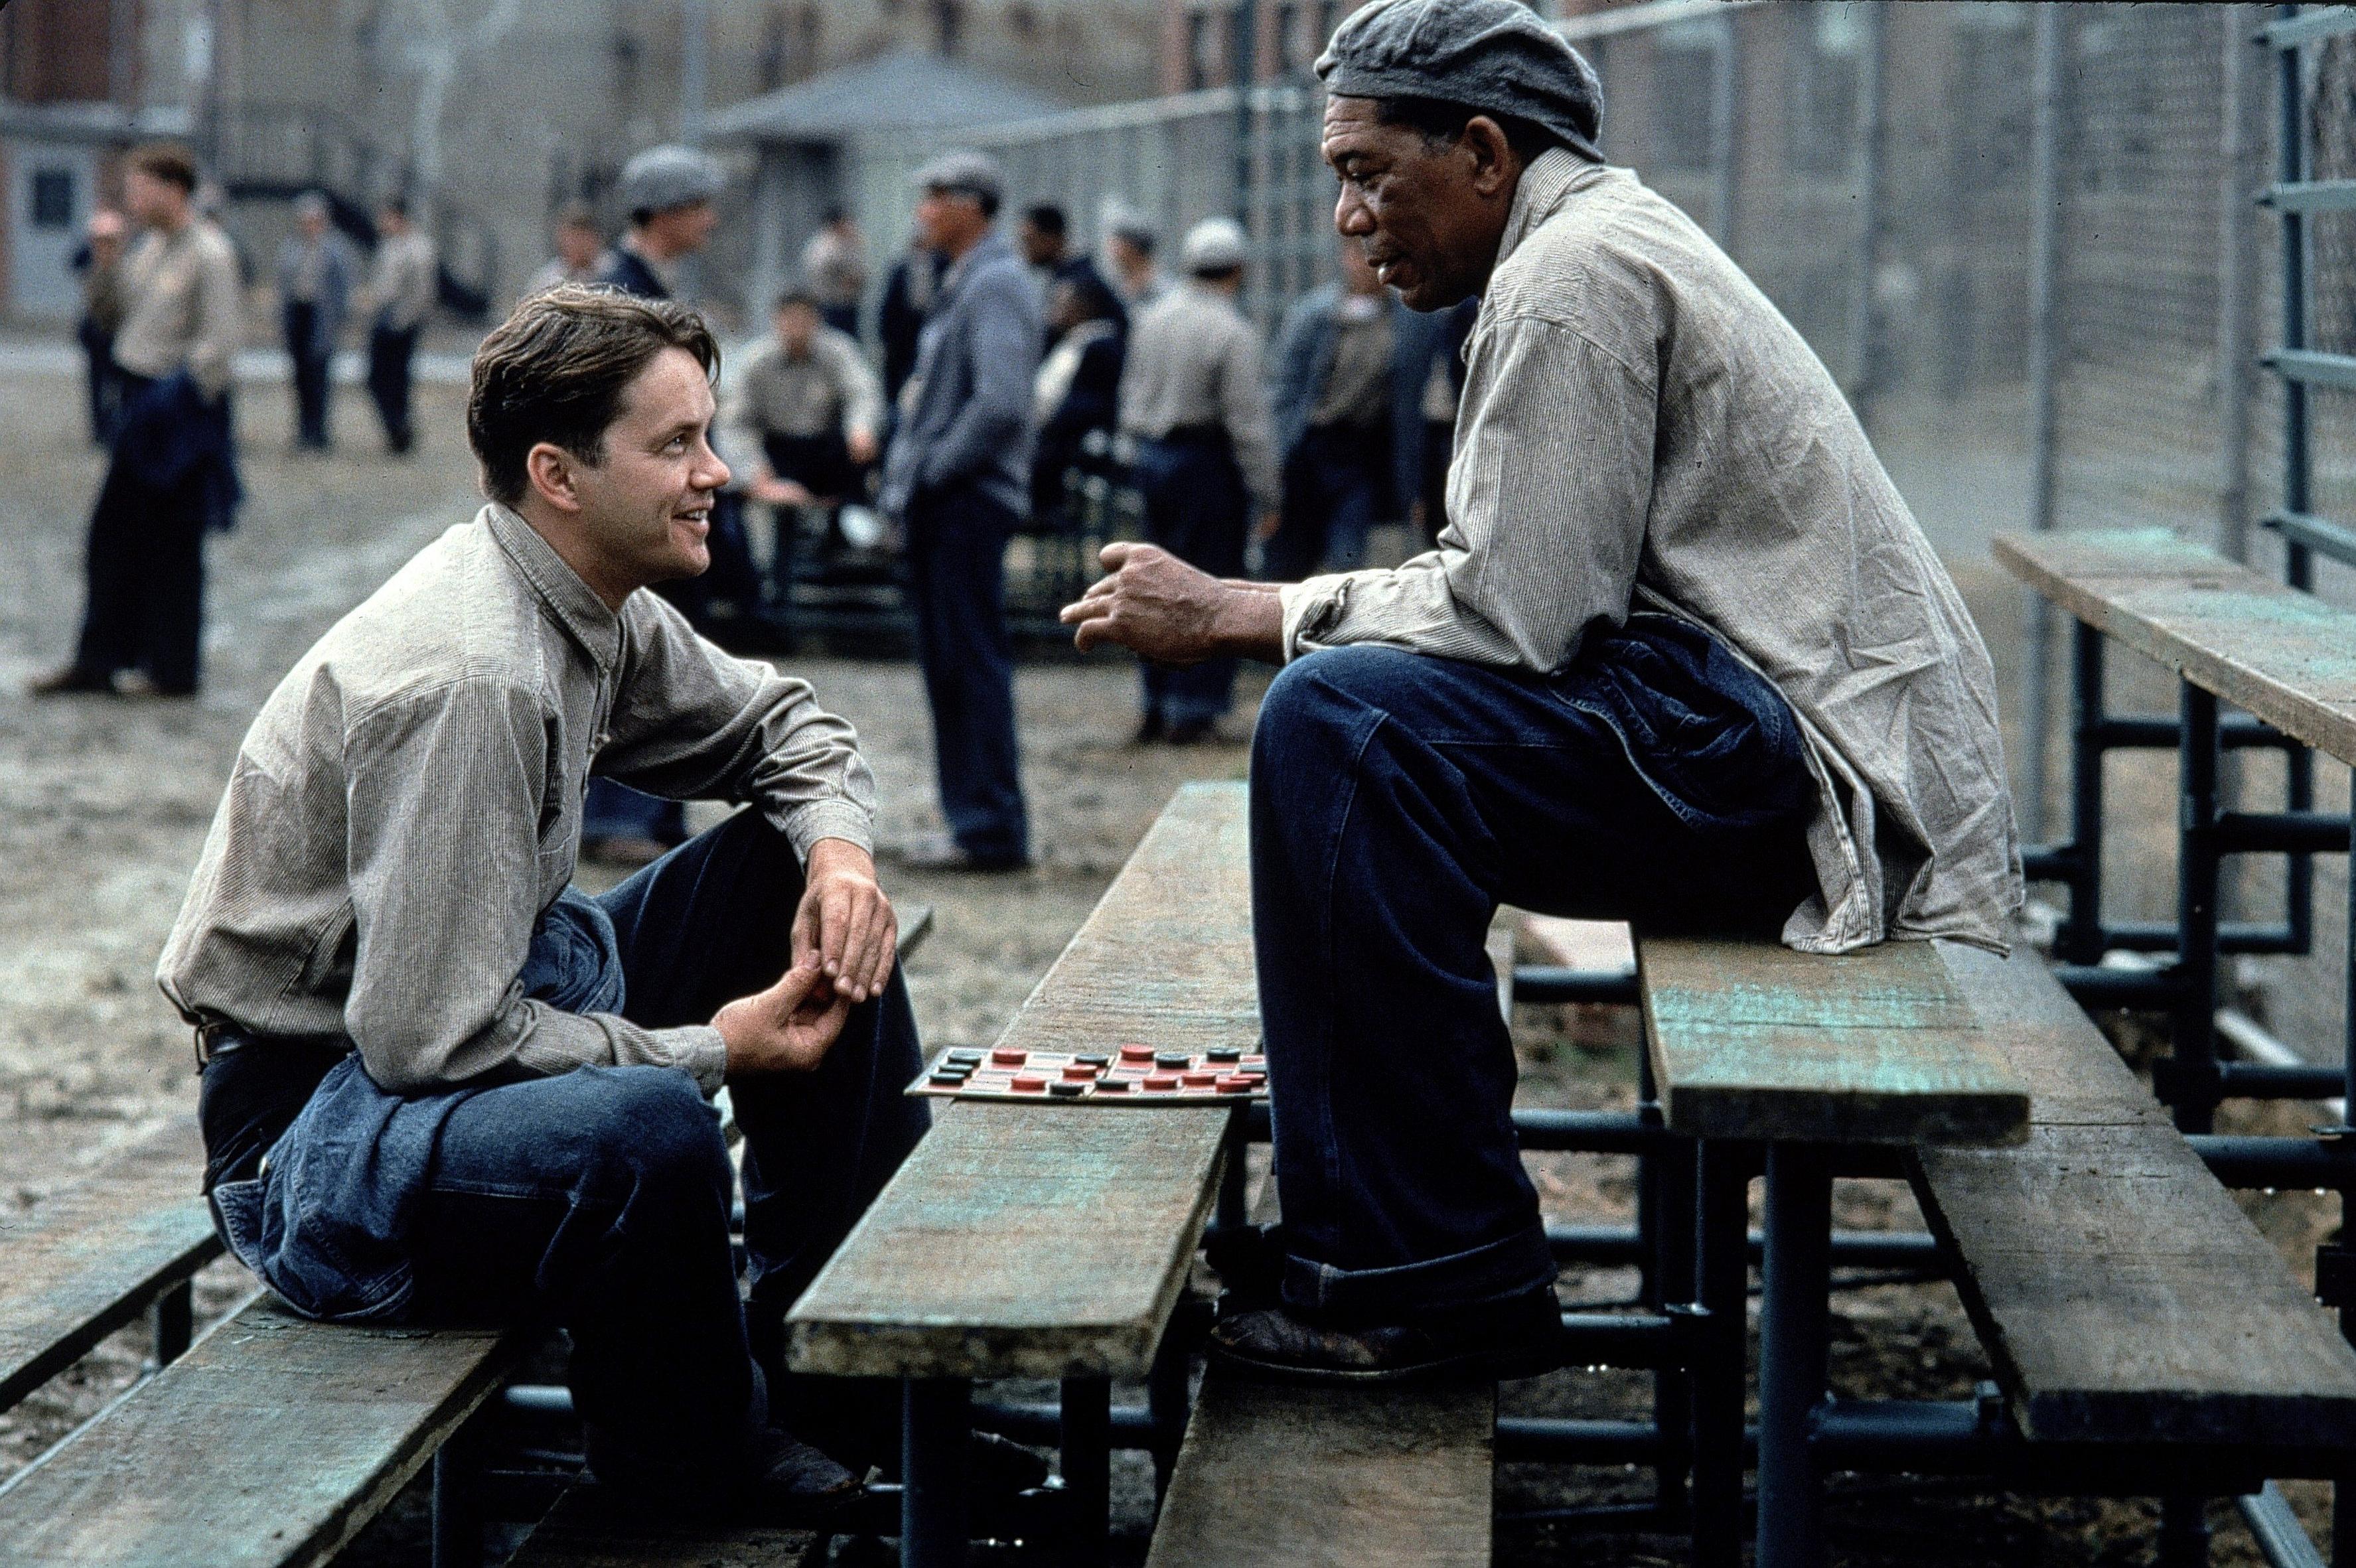 The Shawshank Redemption Wallpaper 2   3550 X 2363 stmednet 3550x2363